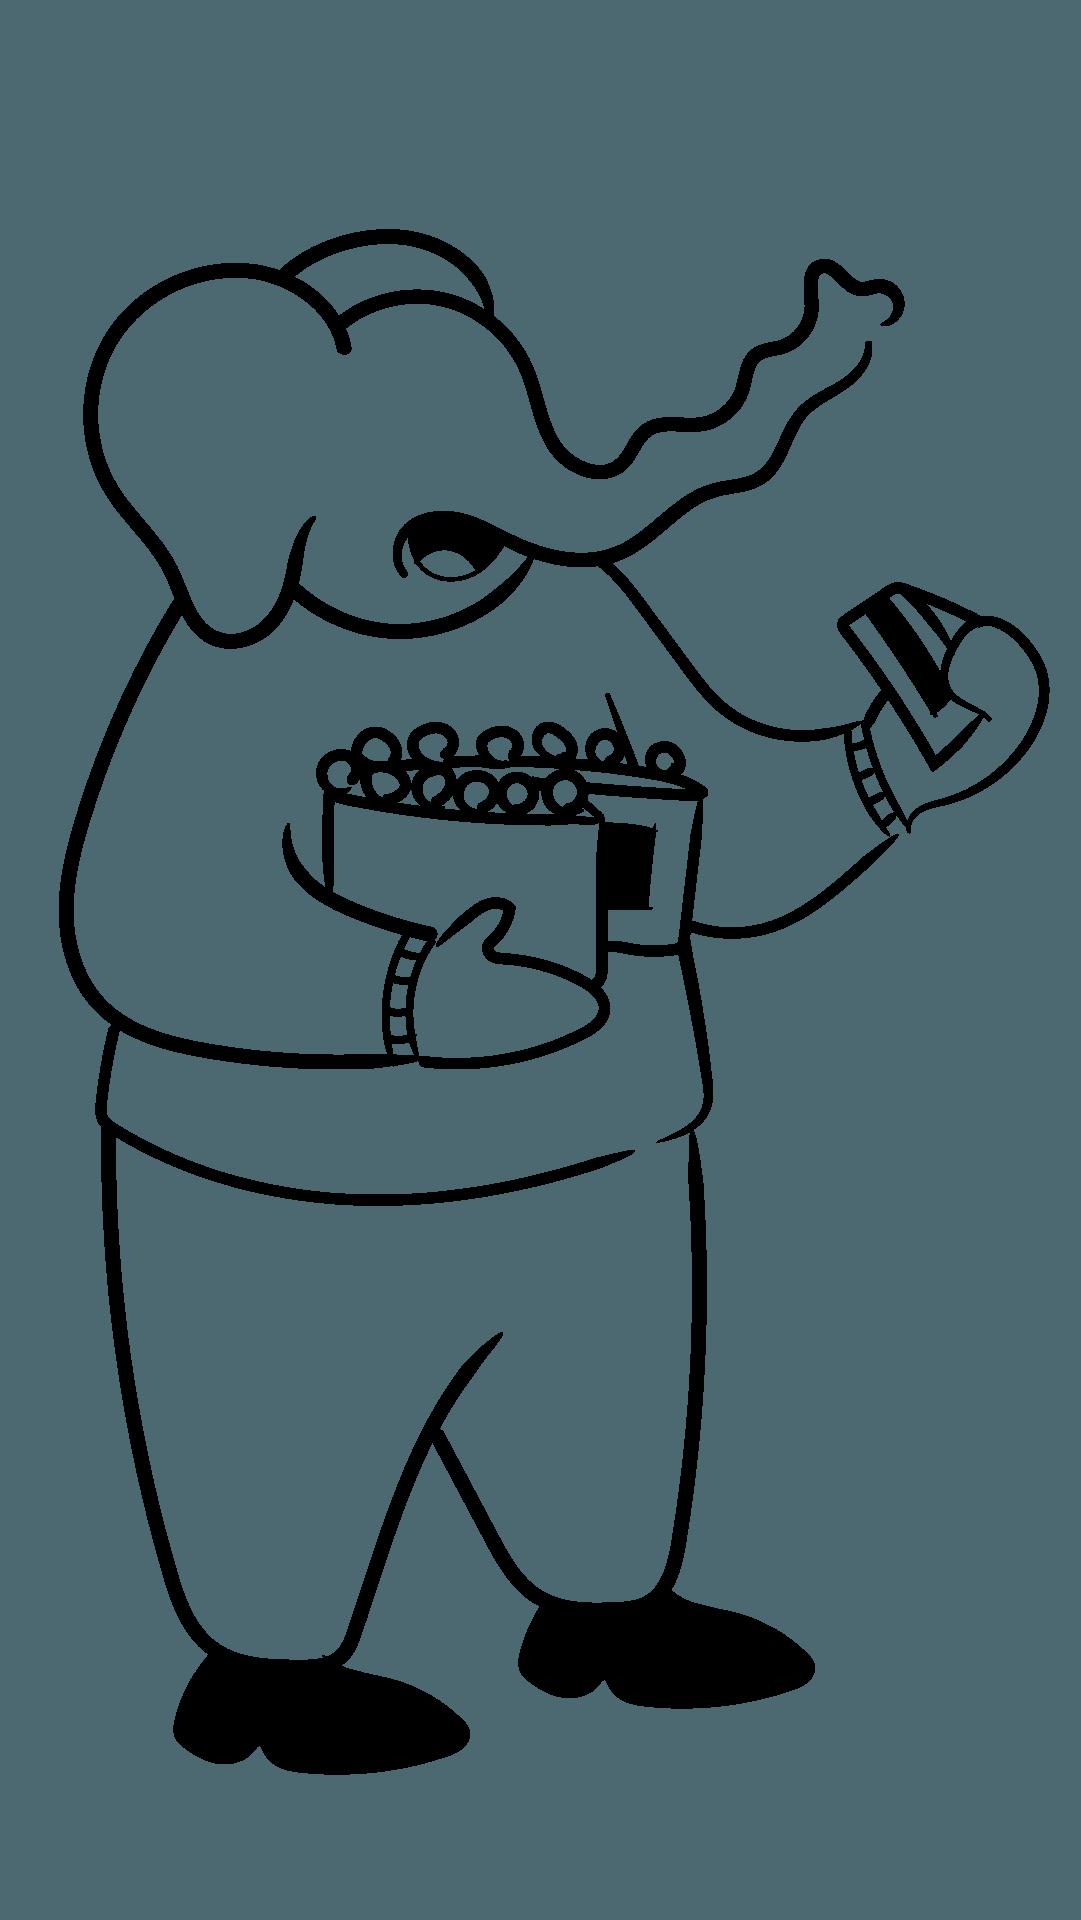 Konzept Eins - Agentur für Marketing - Branding